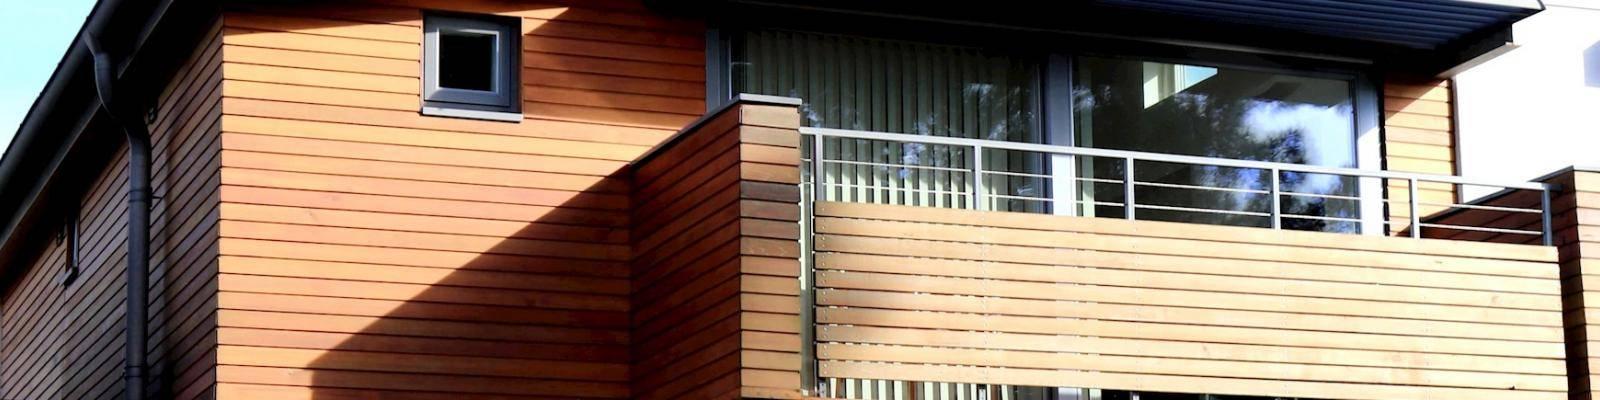 Huis met balkon